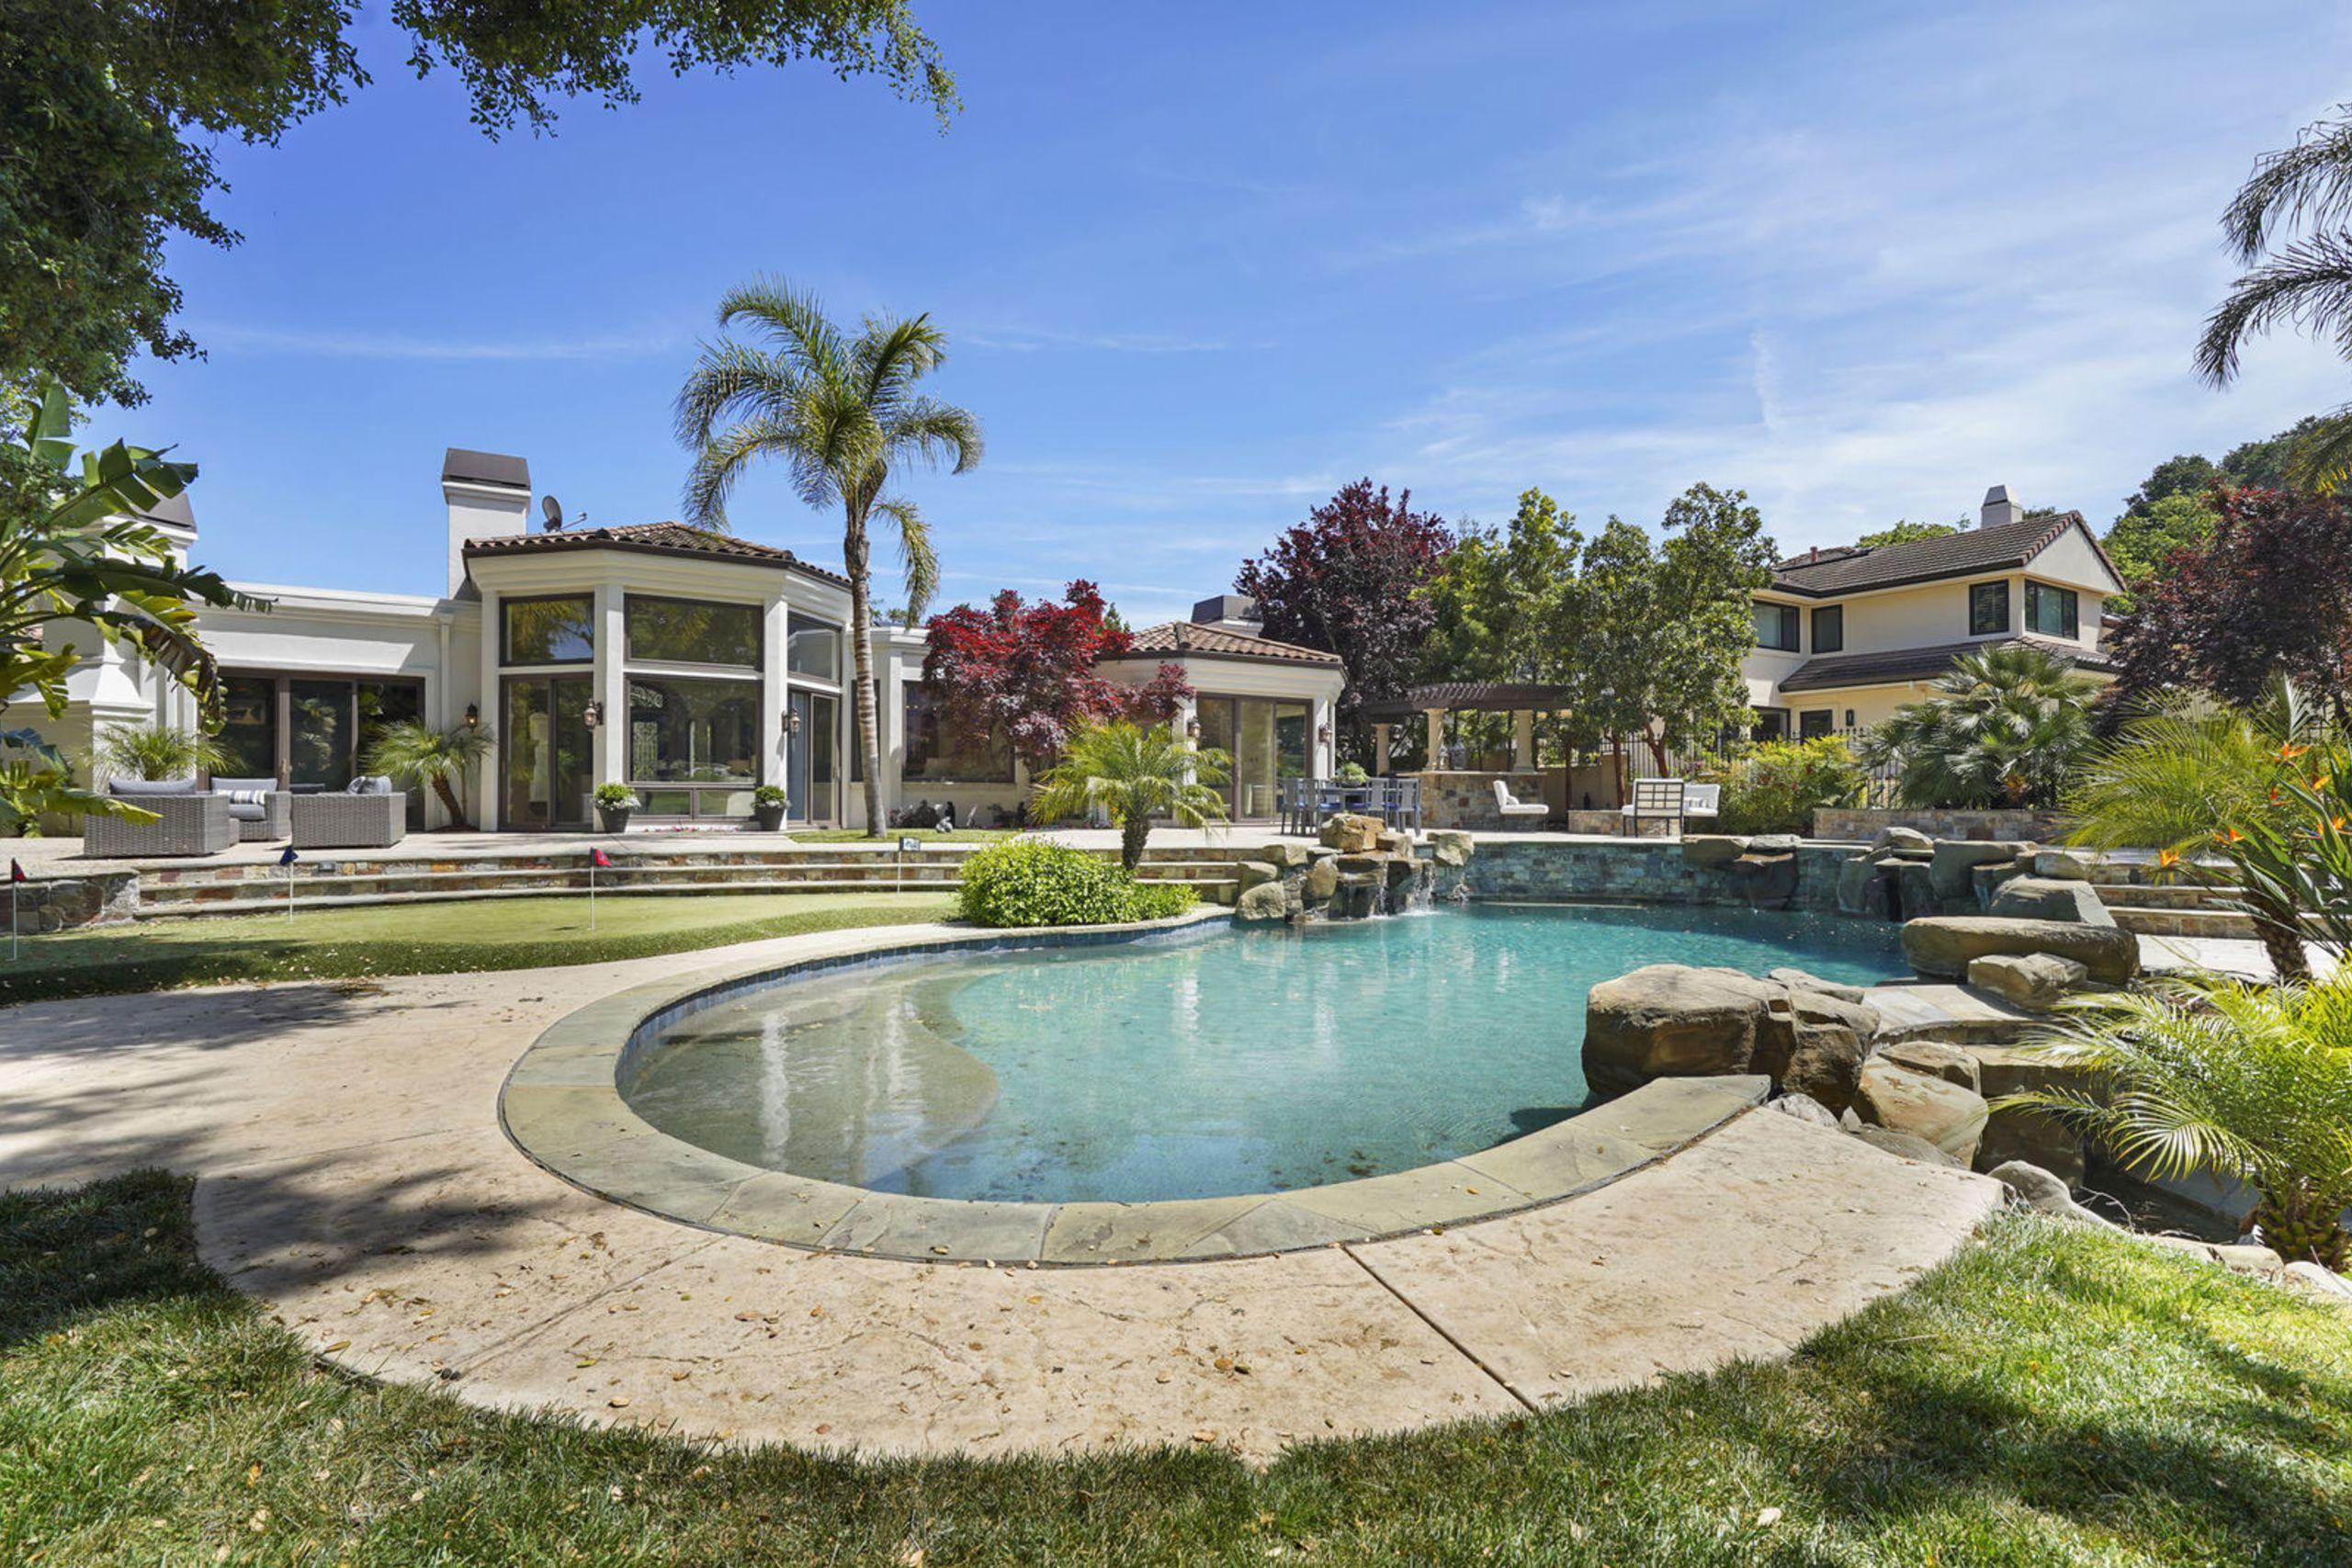 1505 Fairway Drive - Los Altos [sold]